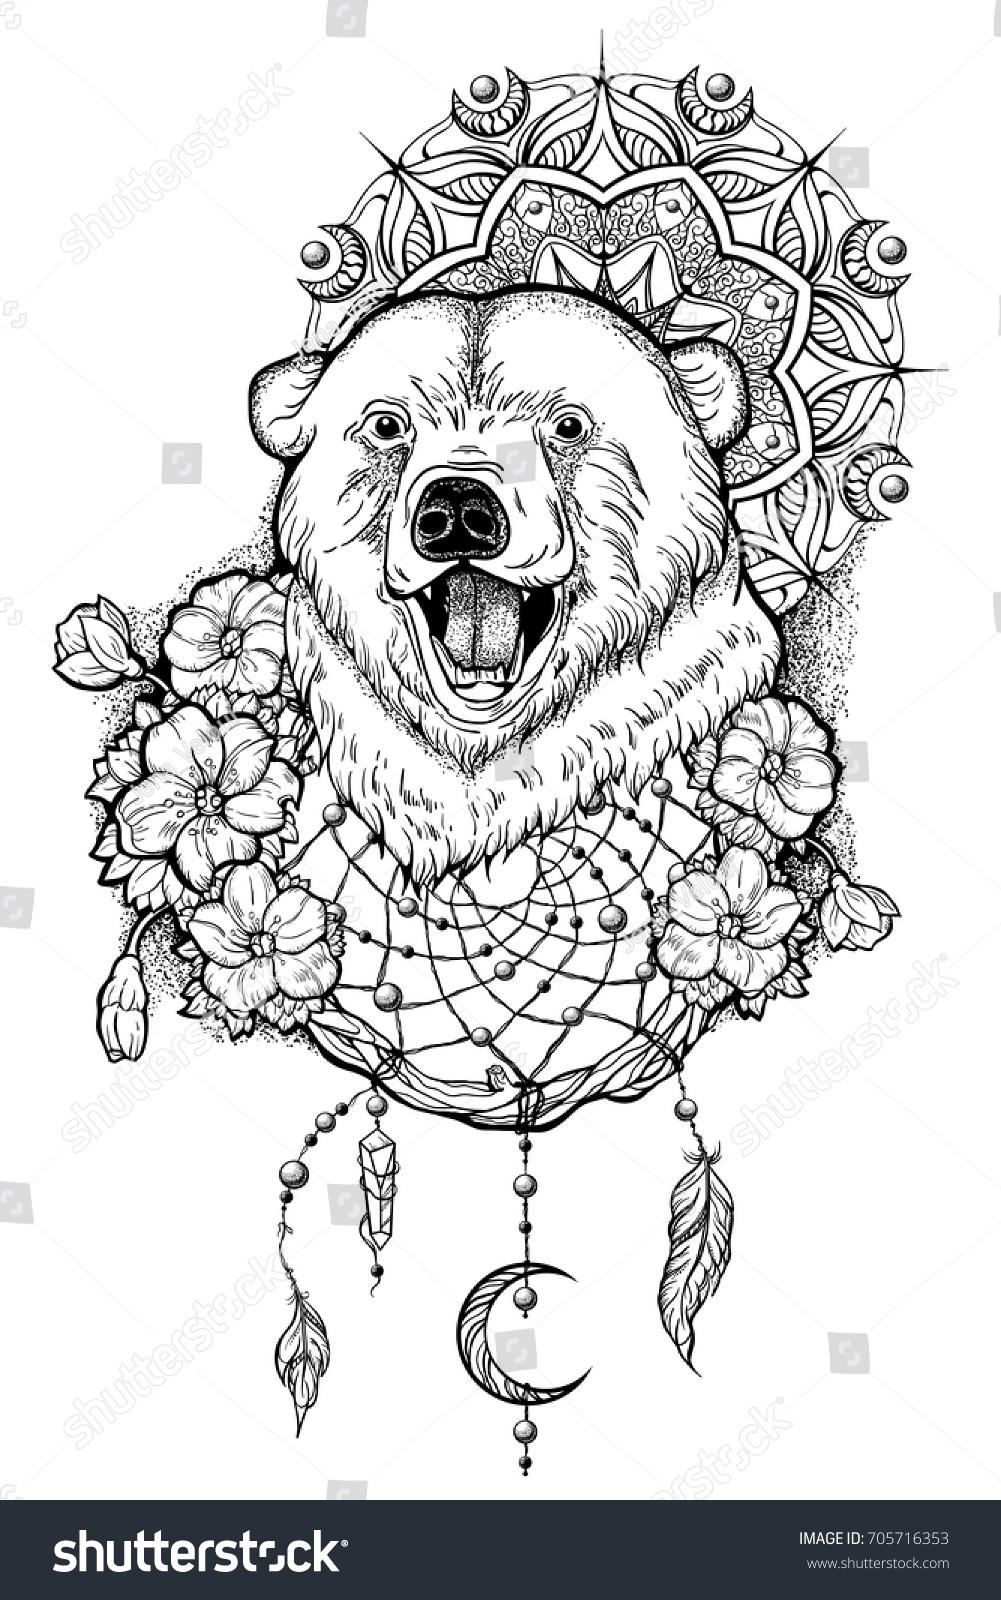 Polar Bear Totem Tattoo Vector Illustration Stock Vector Royalty